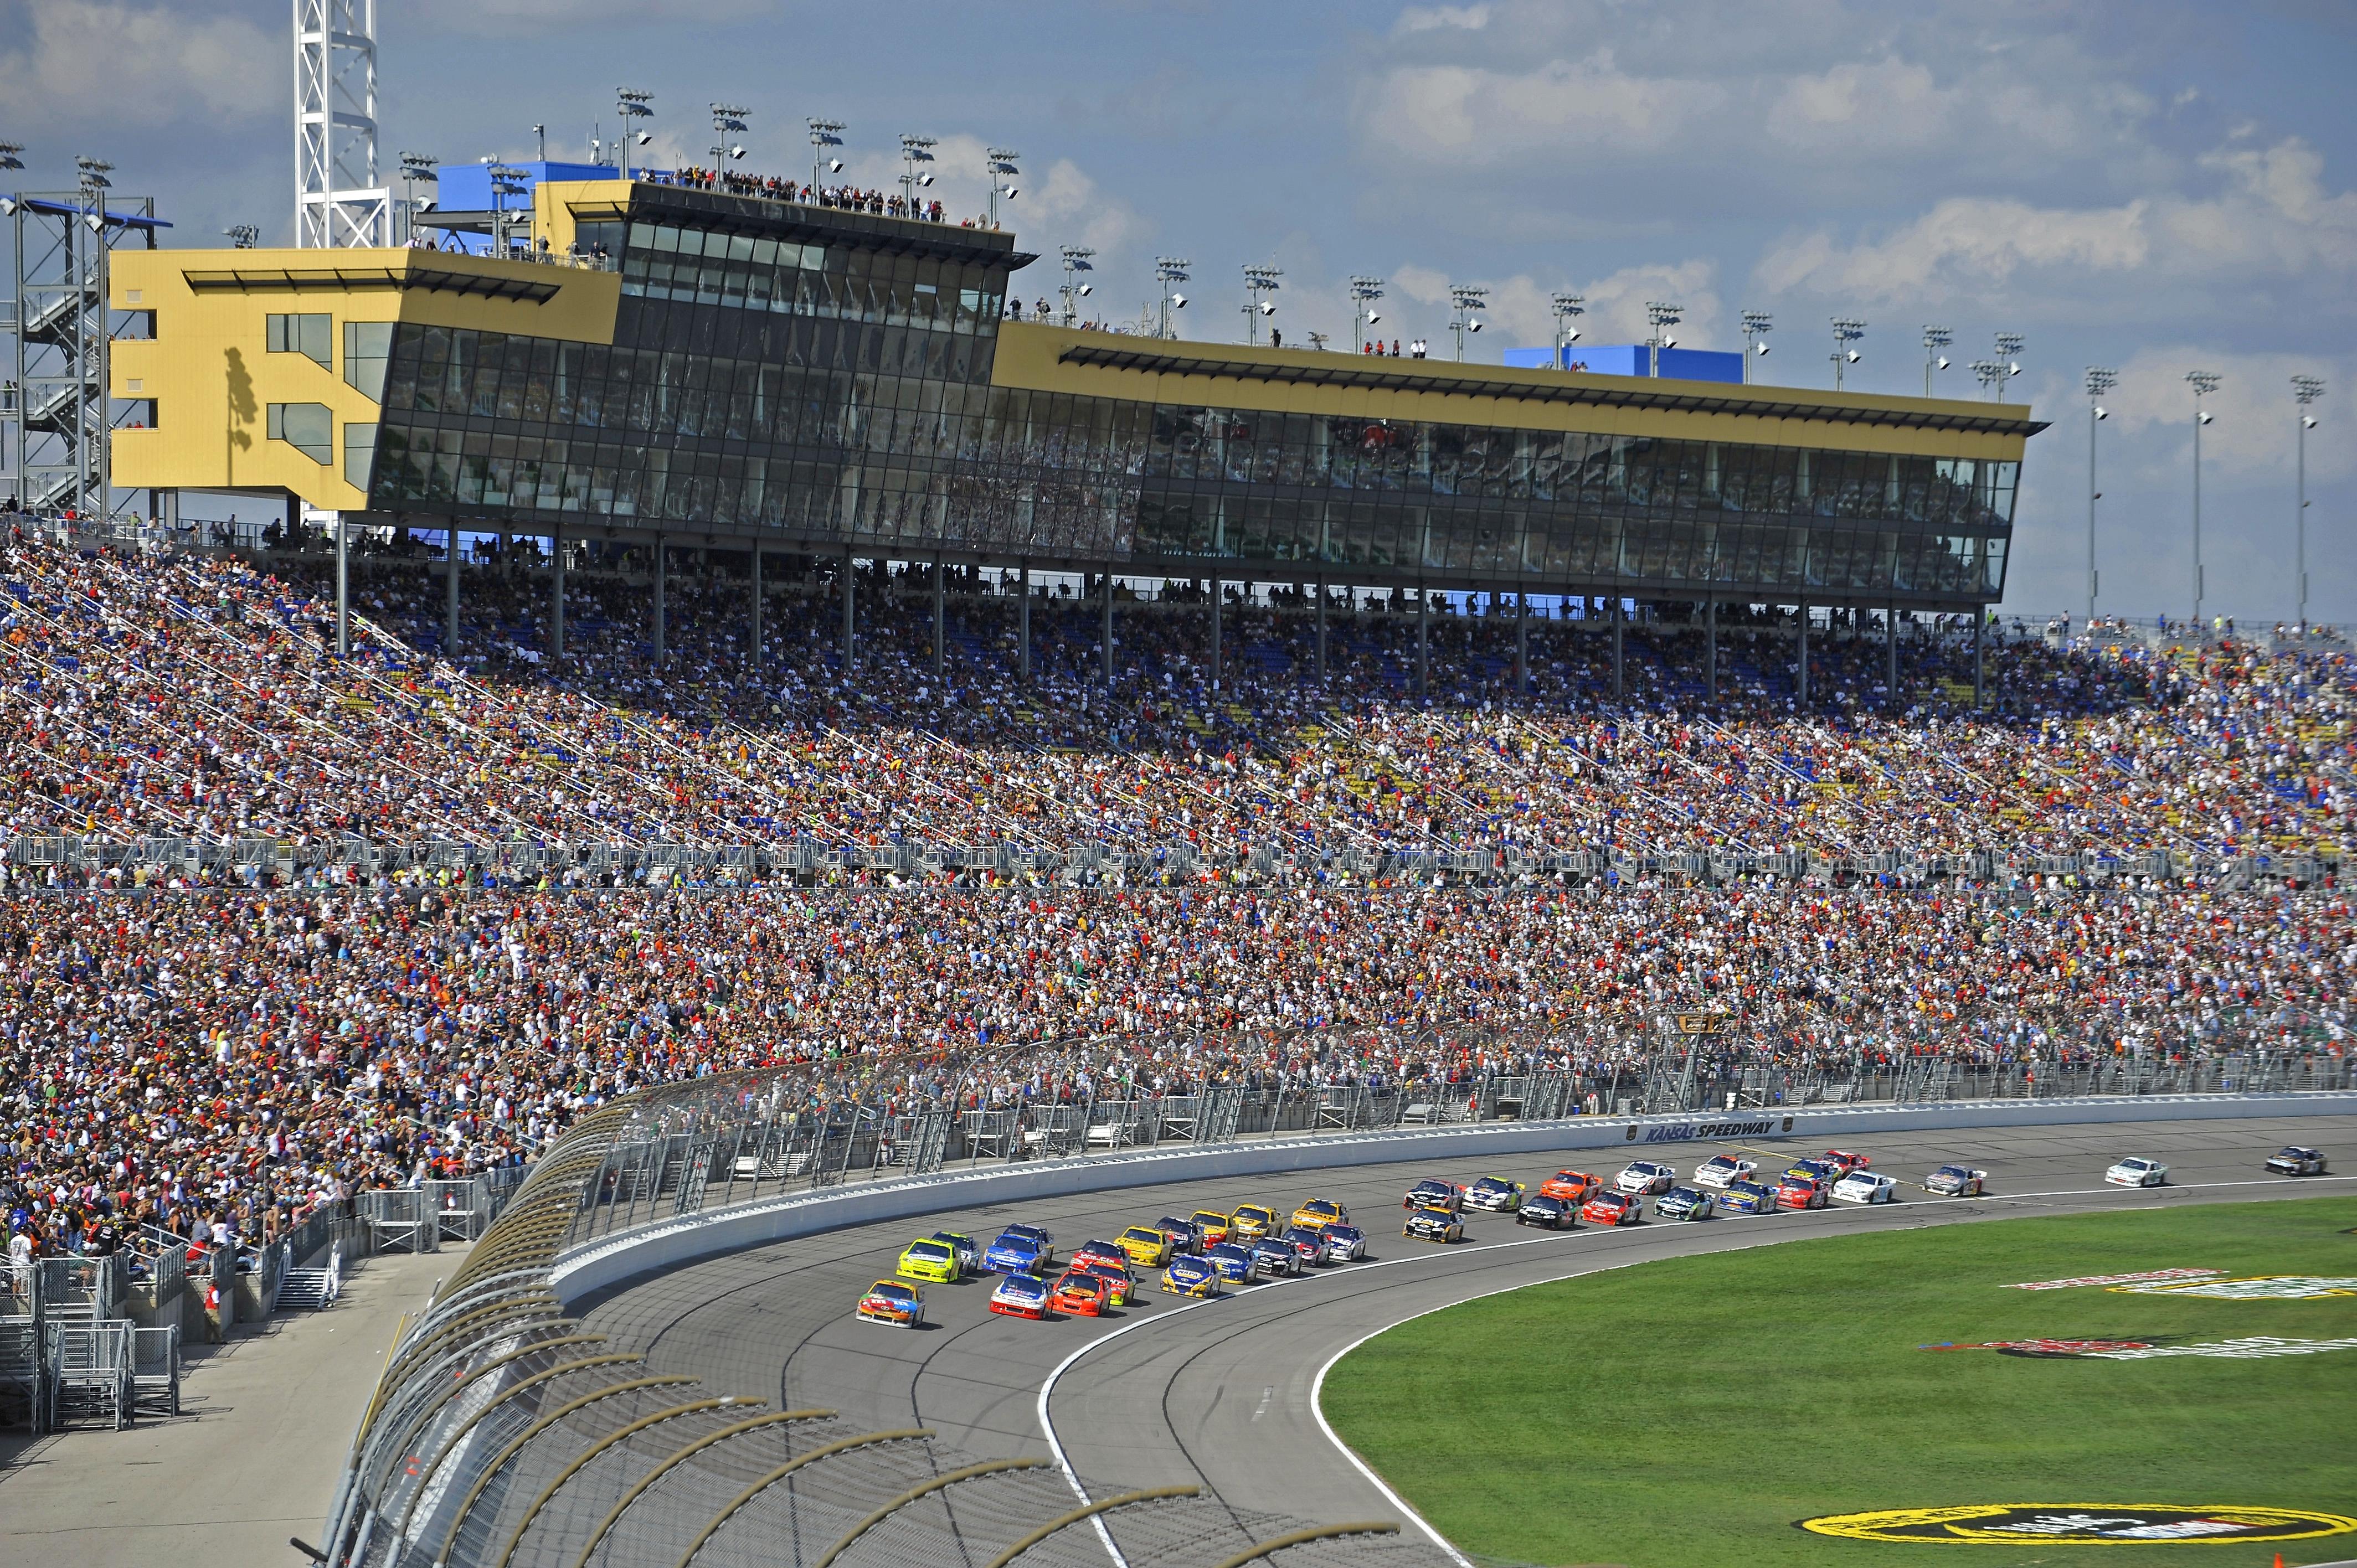 Kansas Speedway NASCAR racing experience